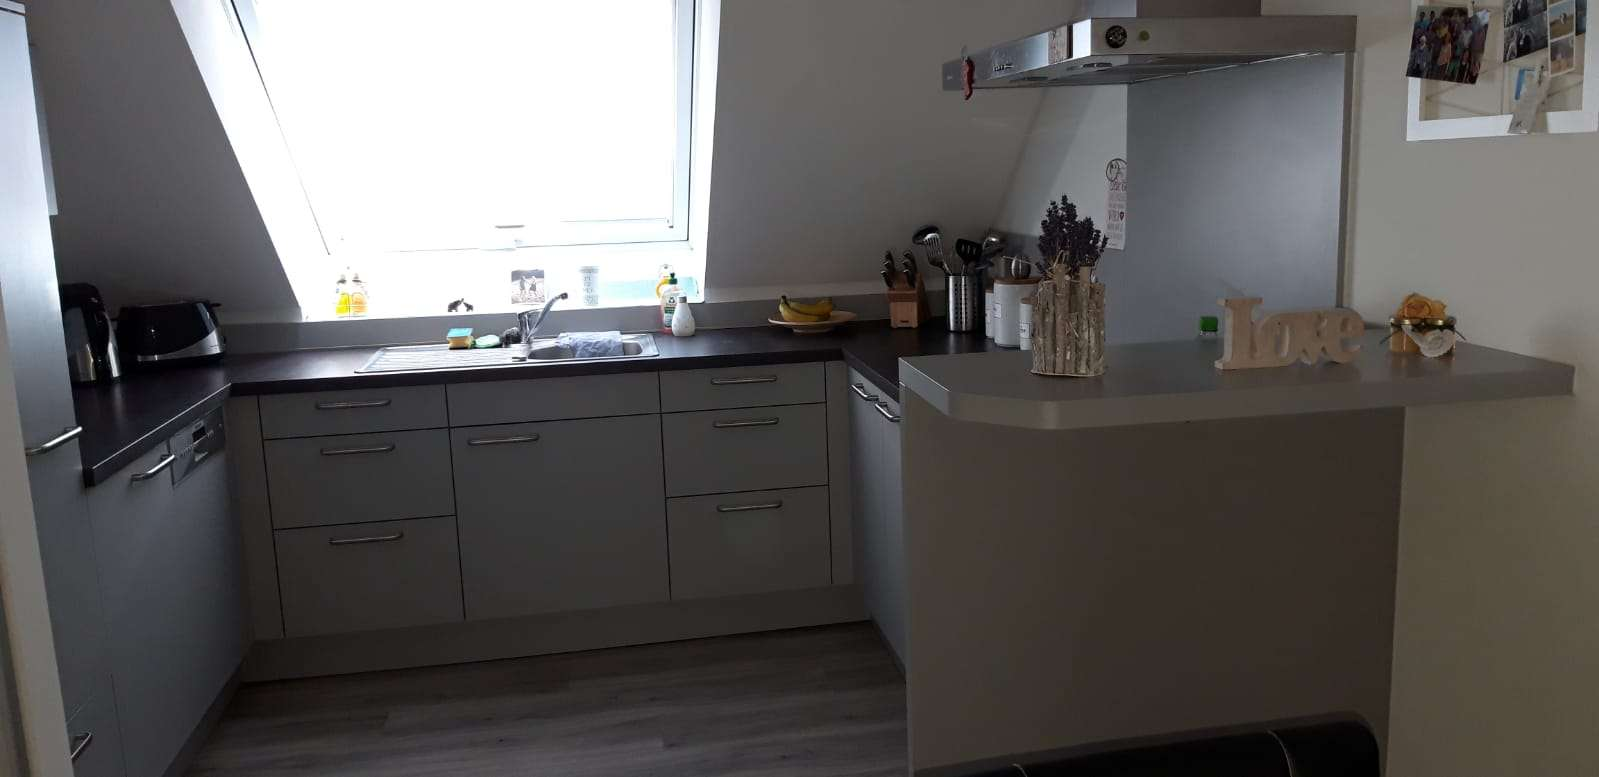 Exklusive 2,5-Zimmer-Wohnung mit Balkon und Einbauküche in Neumarkt in Neumarkt in der Oberpfalz (Neumarkt in der Oberpfalz)